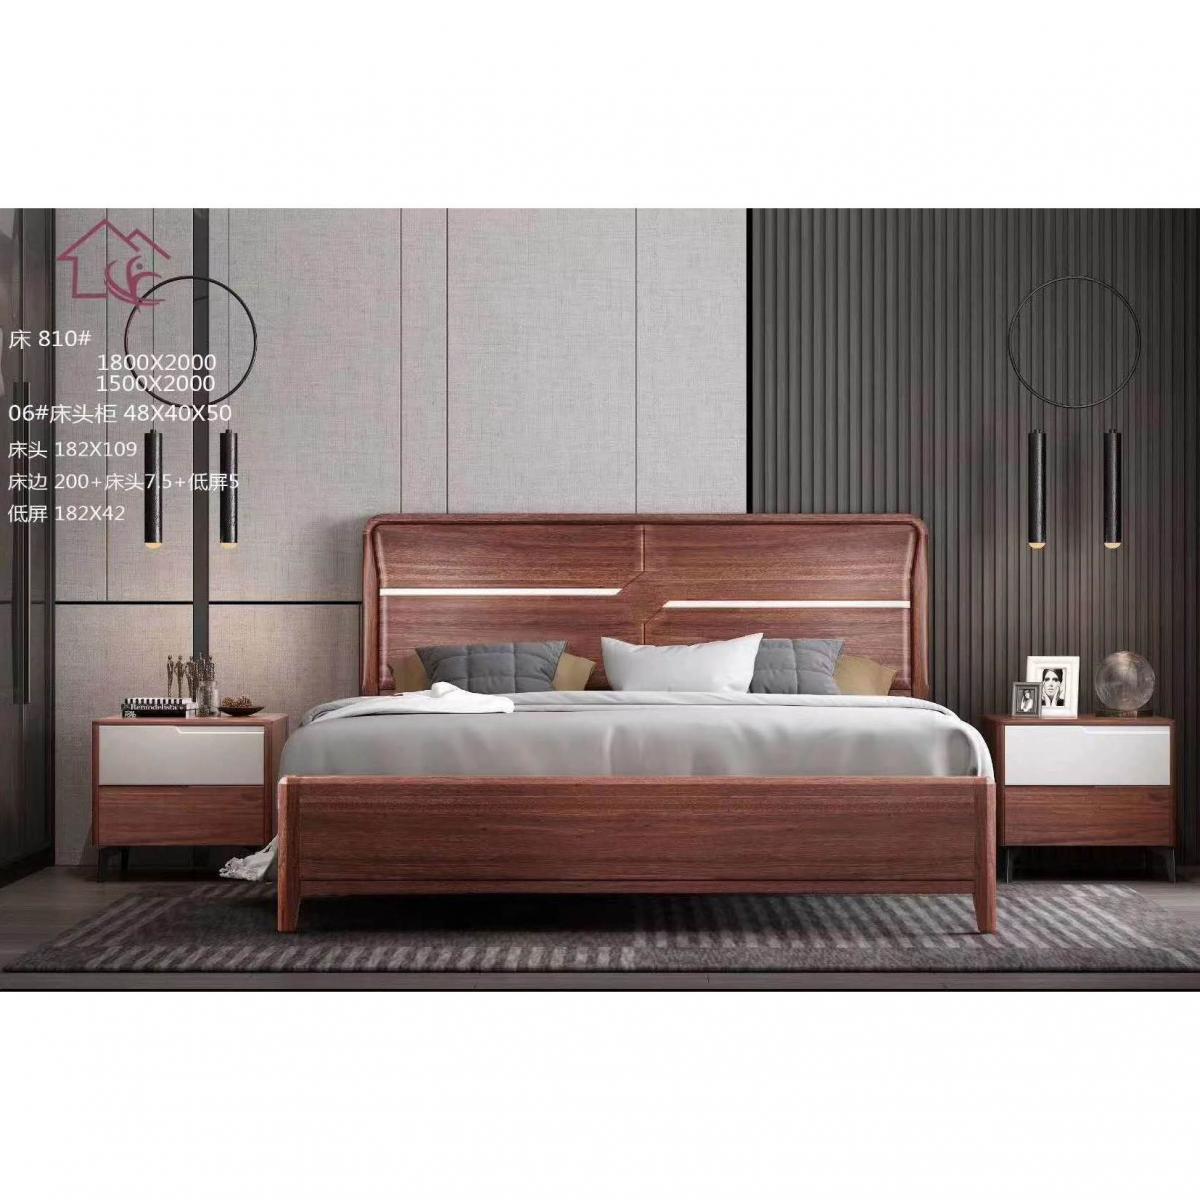 新中式全实木床现代简约1.8米双人床主卧轻奢禅意古典家具